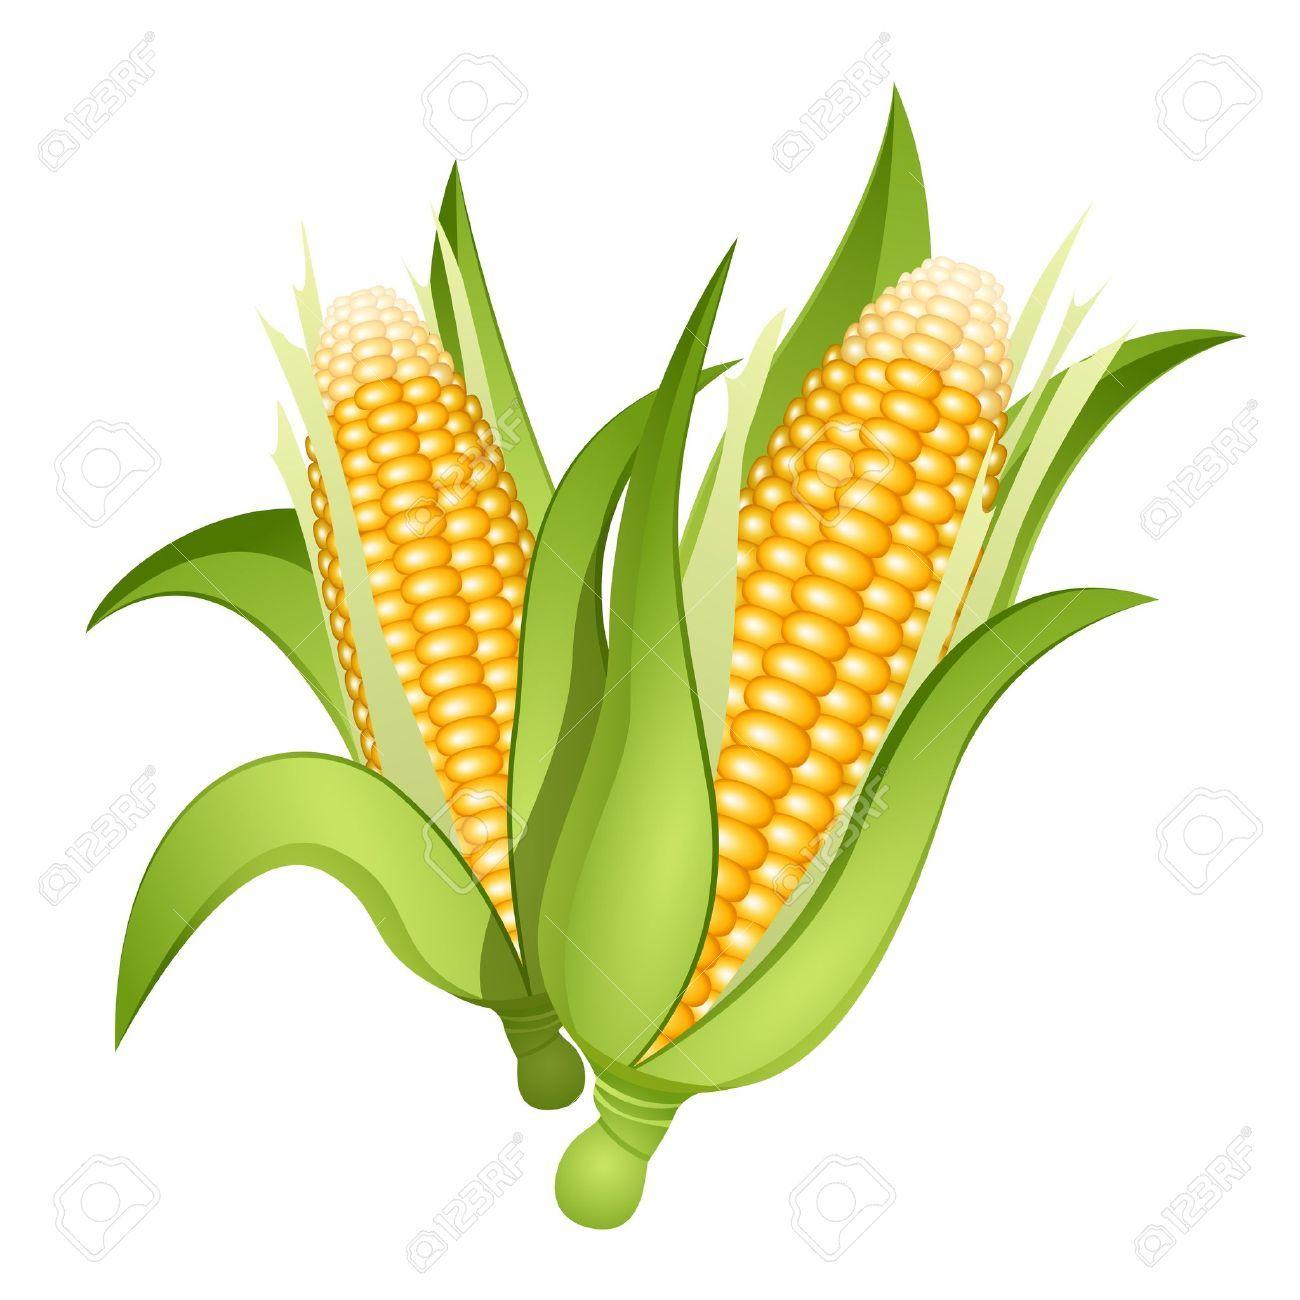 Corn cob clipart svg library Corn cob clipart » Clipart Portal svg library